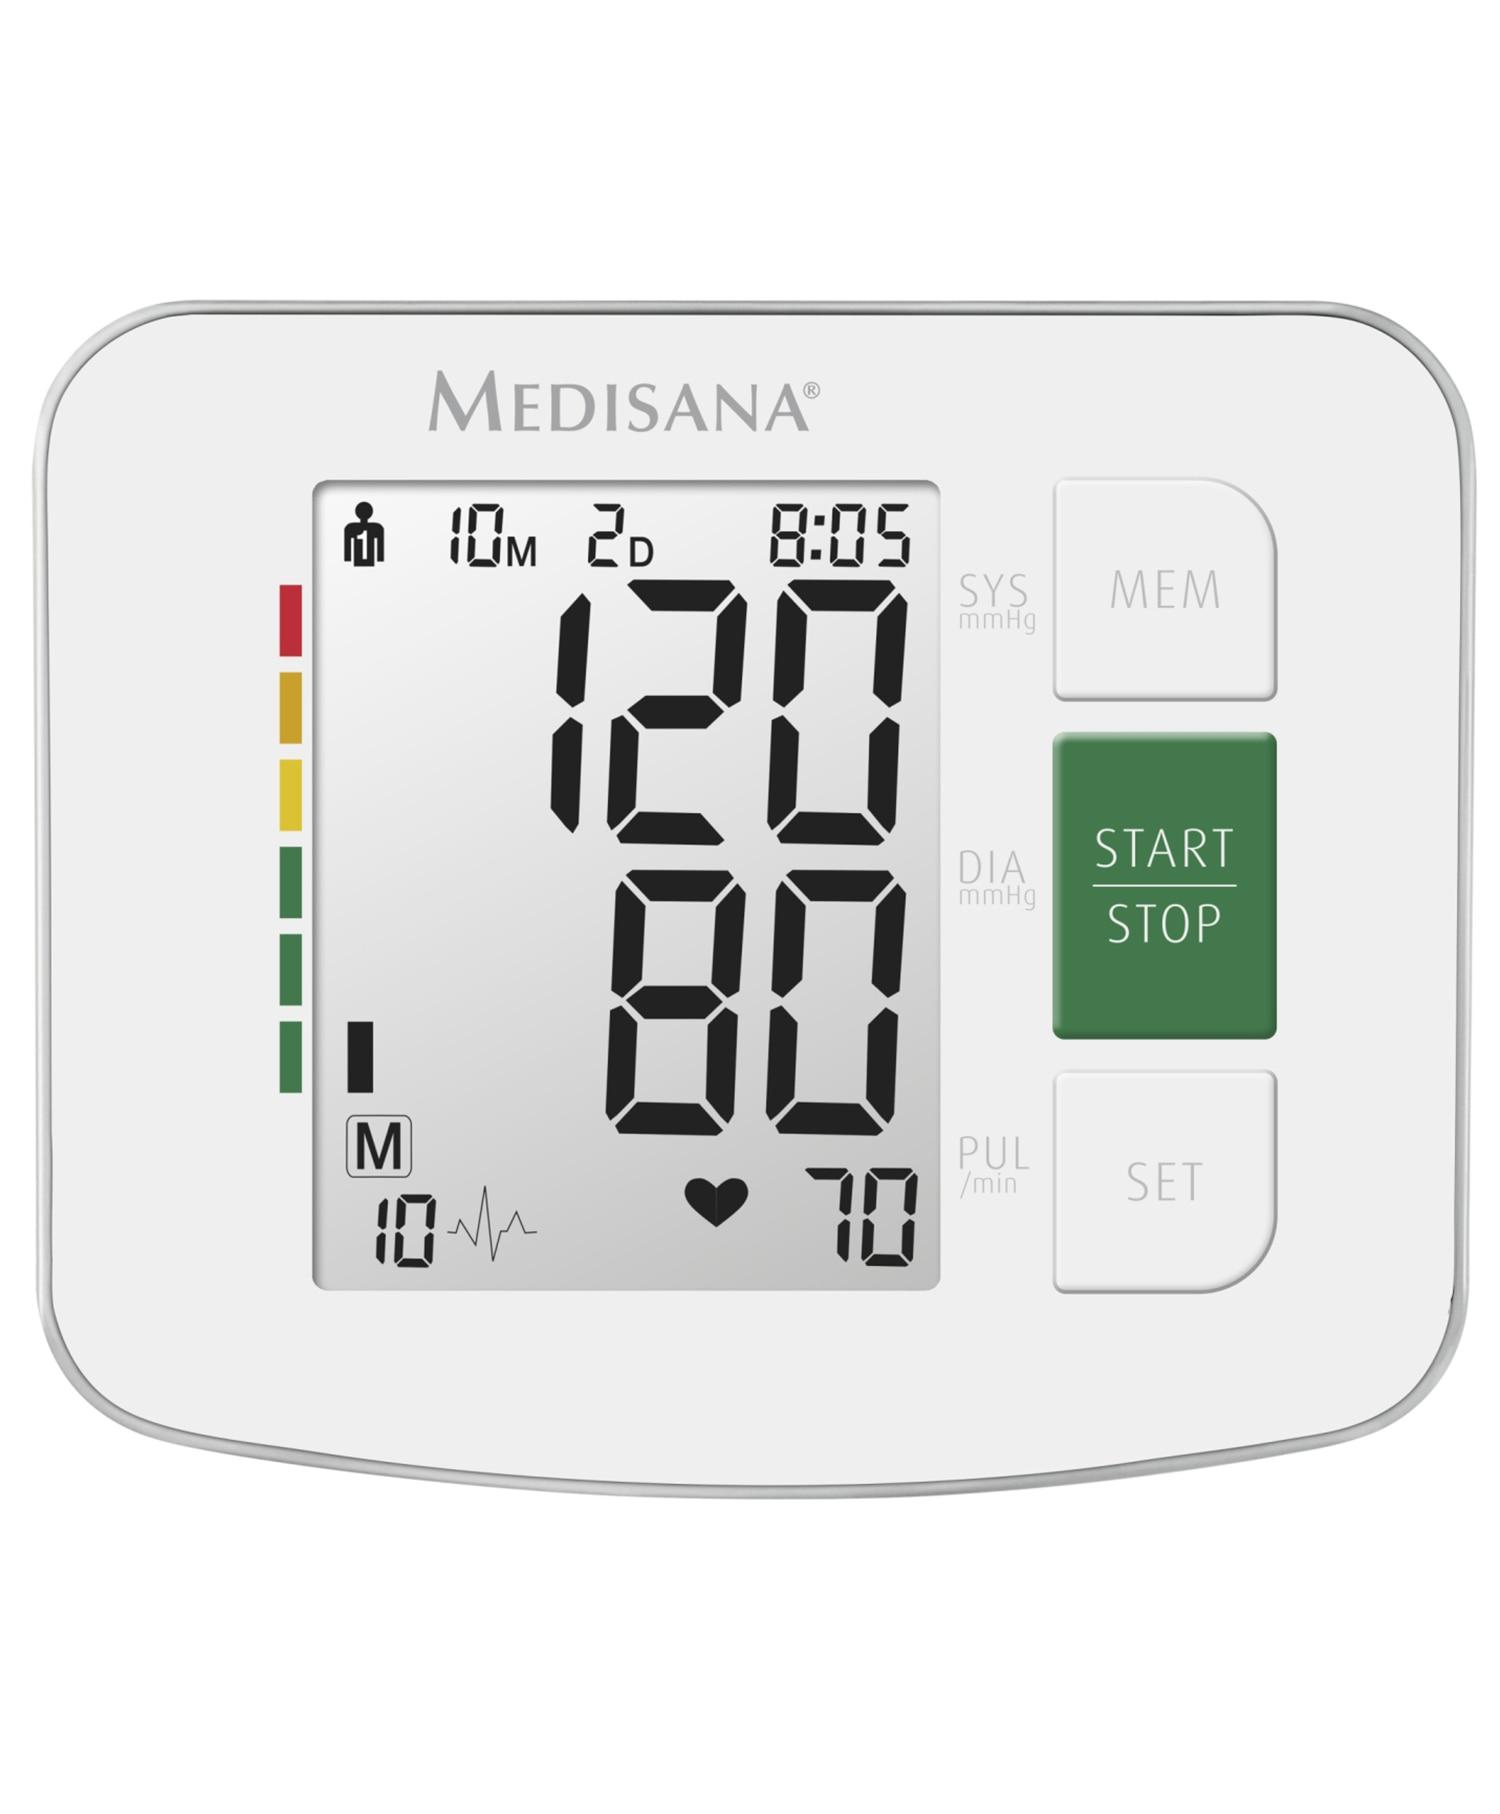 Blodtrykksmåler Medisana